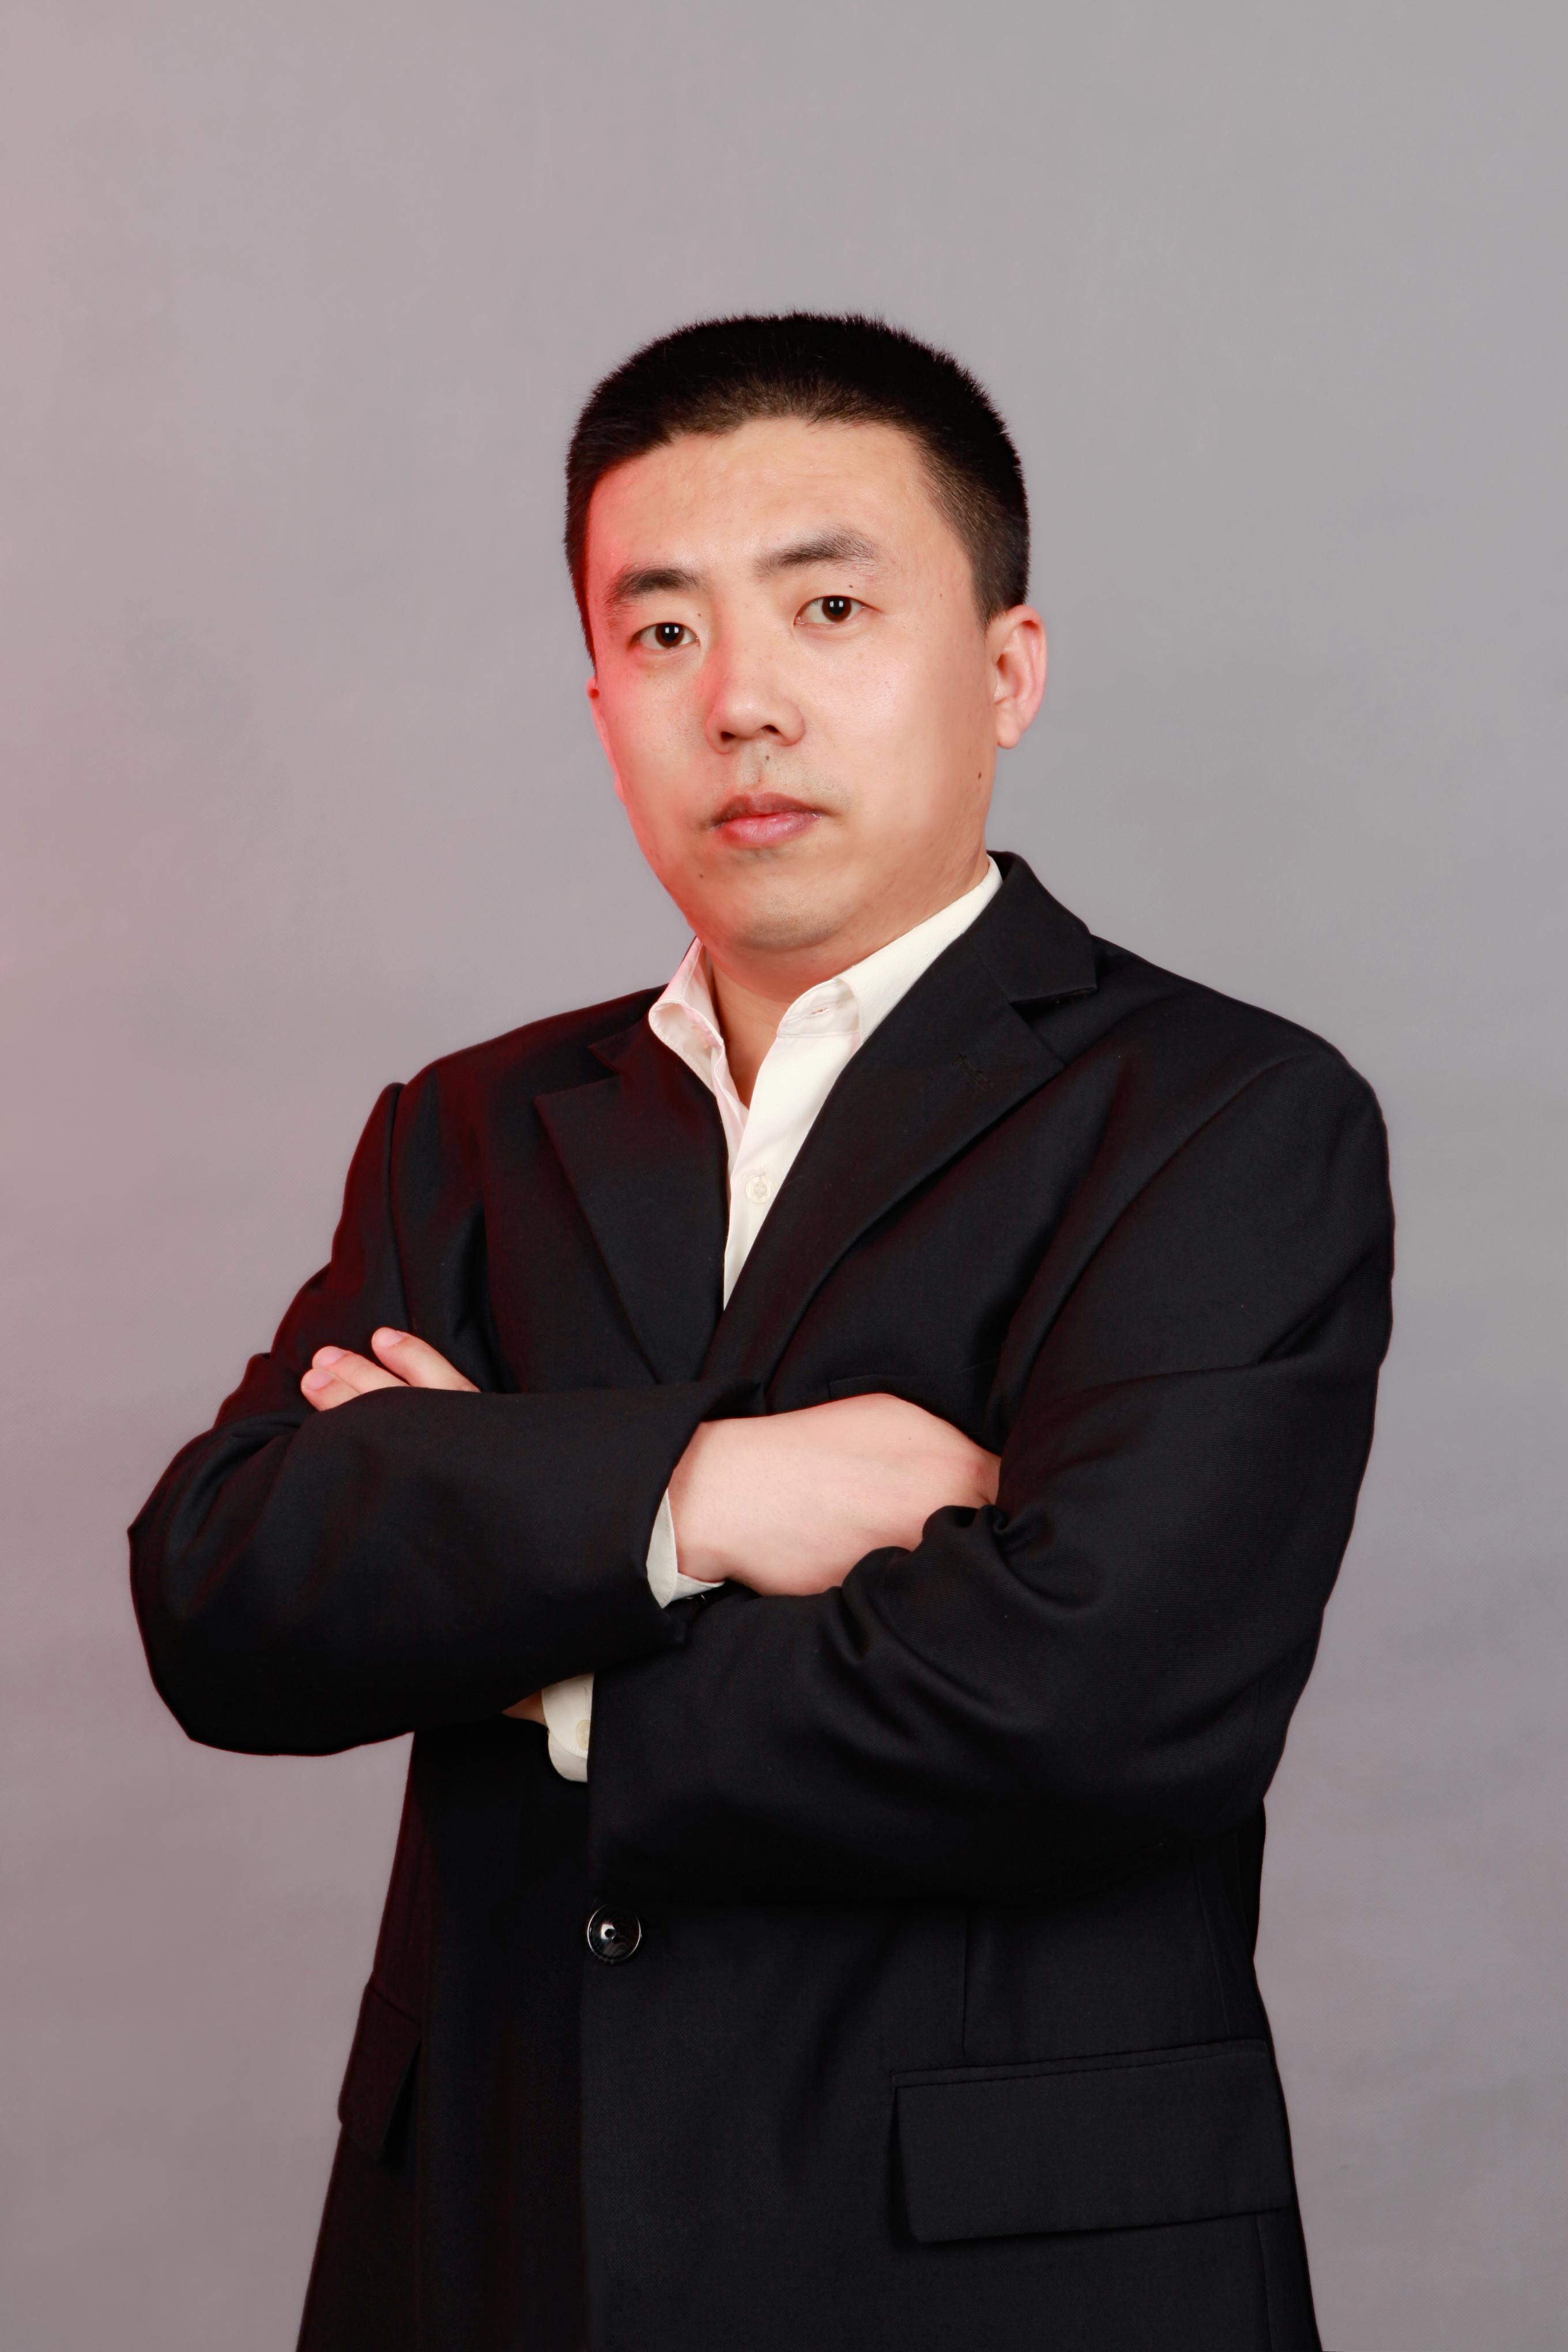 初中老师-初中物理老师_刘帅